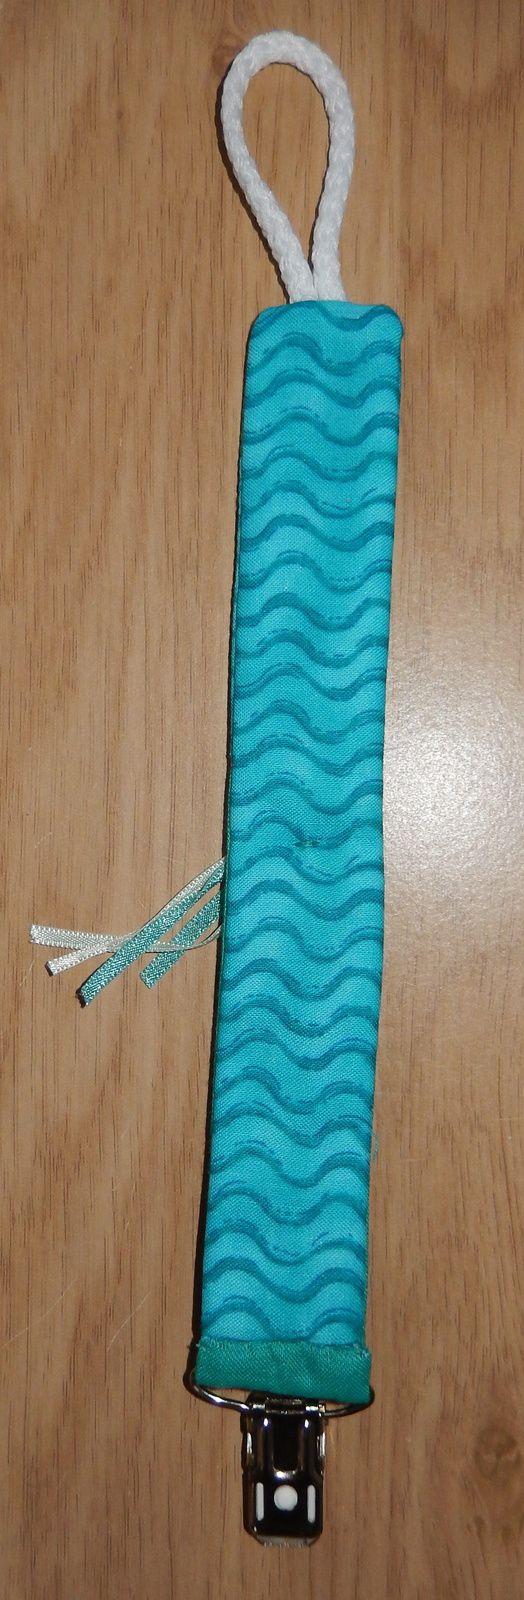 une attache sucette turquoise des mers mes cr ations de point de croix patchwork crochet. Black Bedroom Furniture Sets. Home Design Ideas